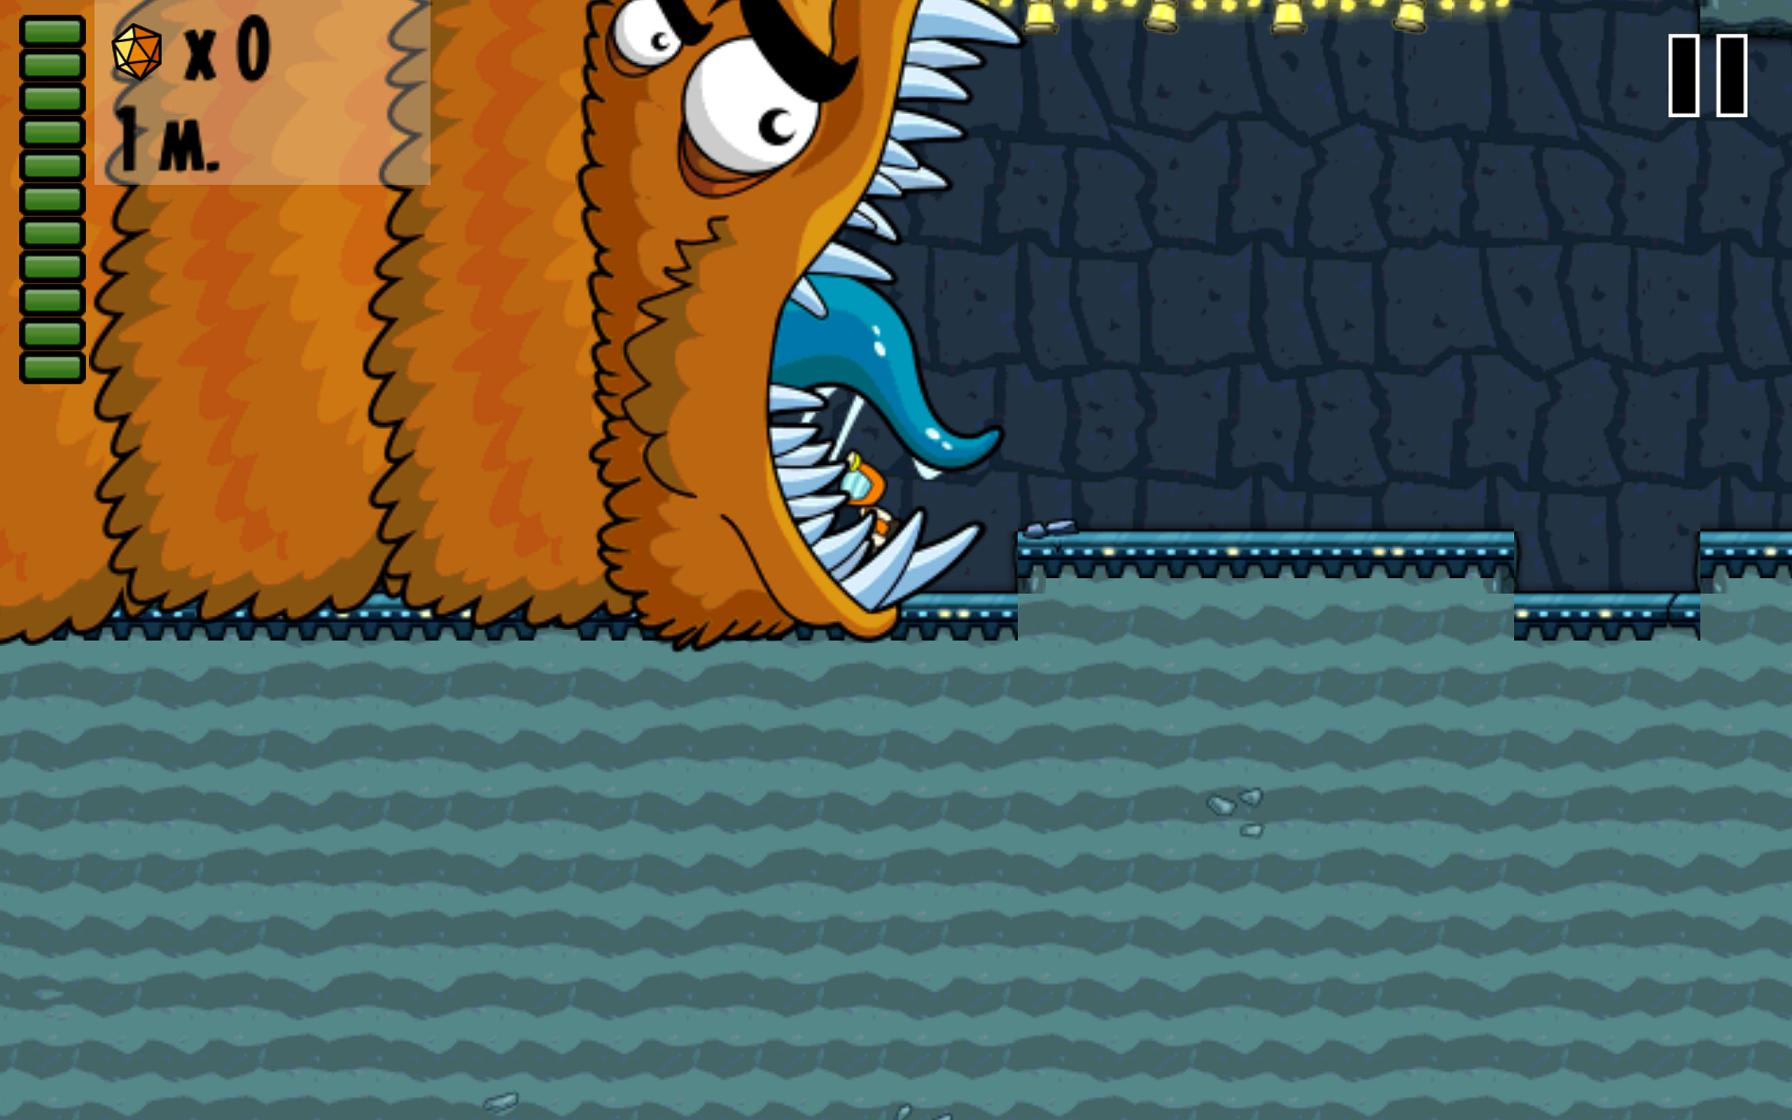 Escape from the worm- Убеги от червя, если сможешь. - Изображение 1